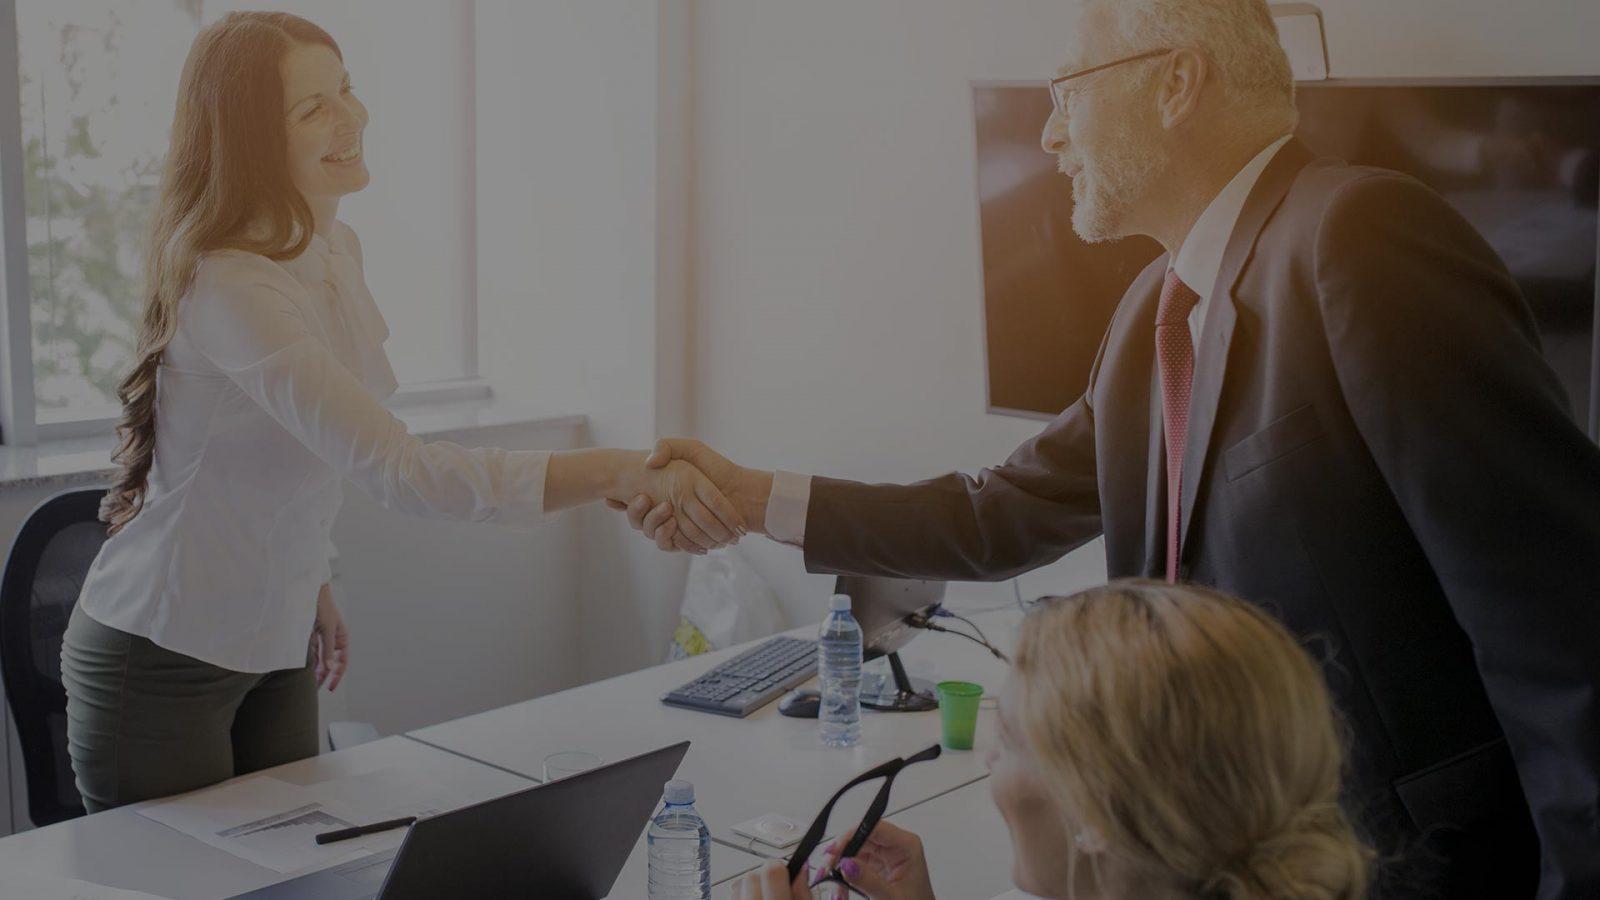 Аккредитив достигает своей цели путем замены кредита банка заказчика, с целью содействия и стимулирования торговли.